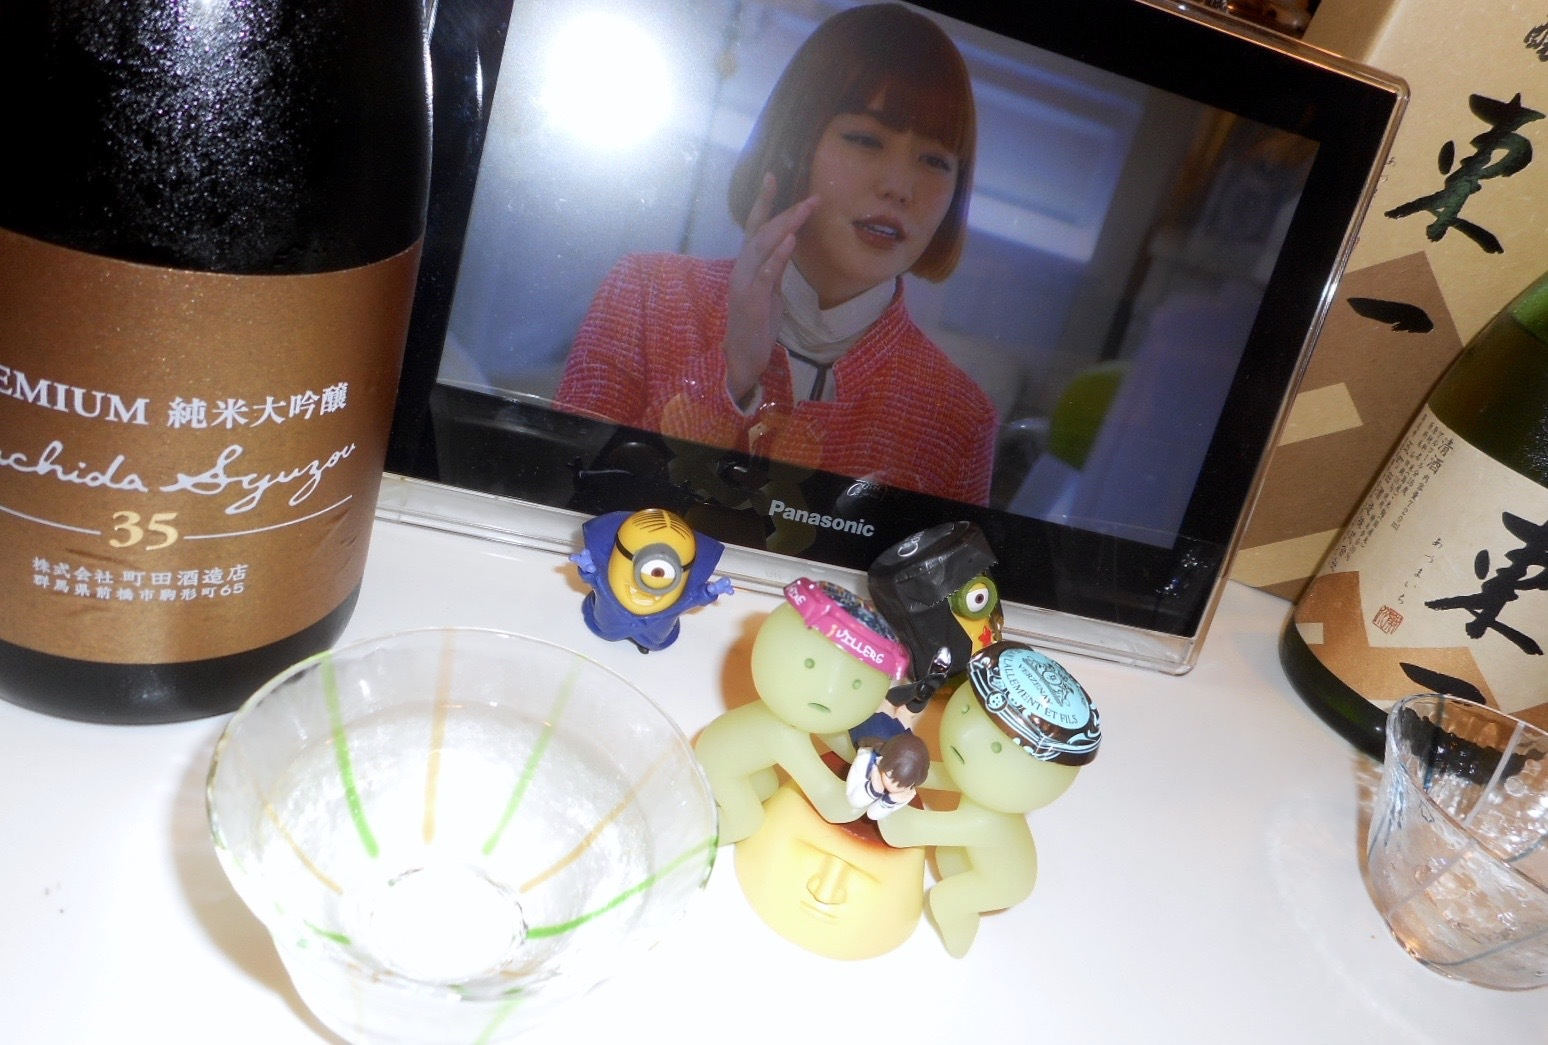 machida_premium35_29by3.jpg